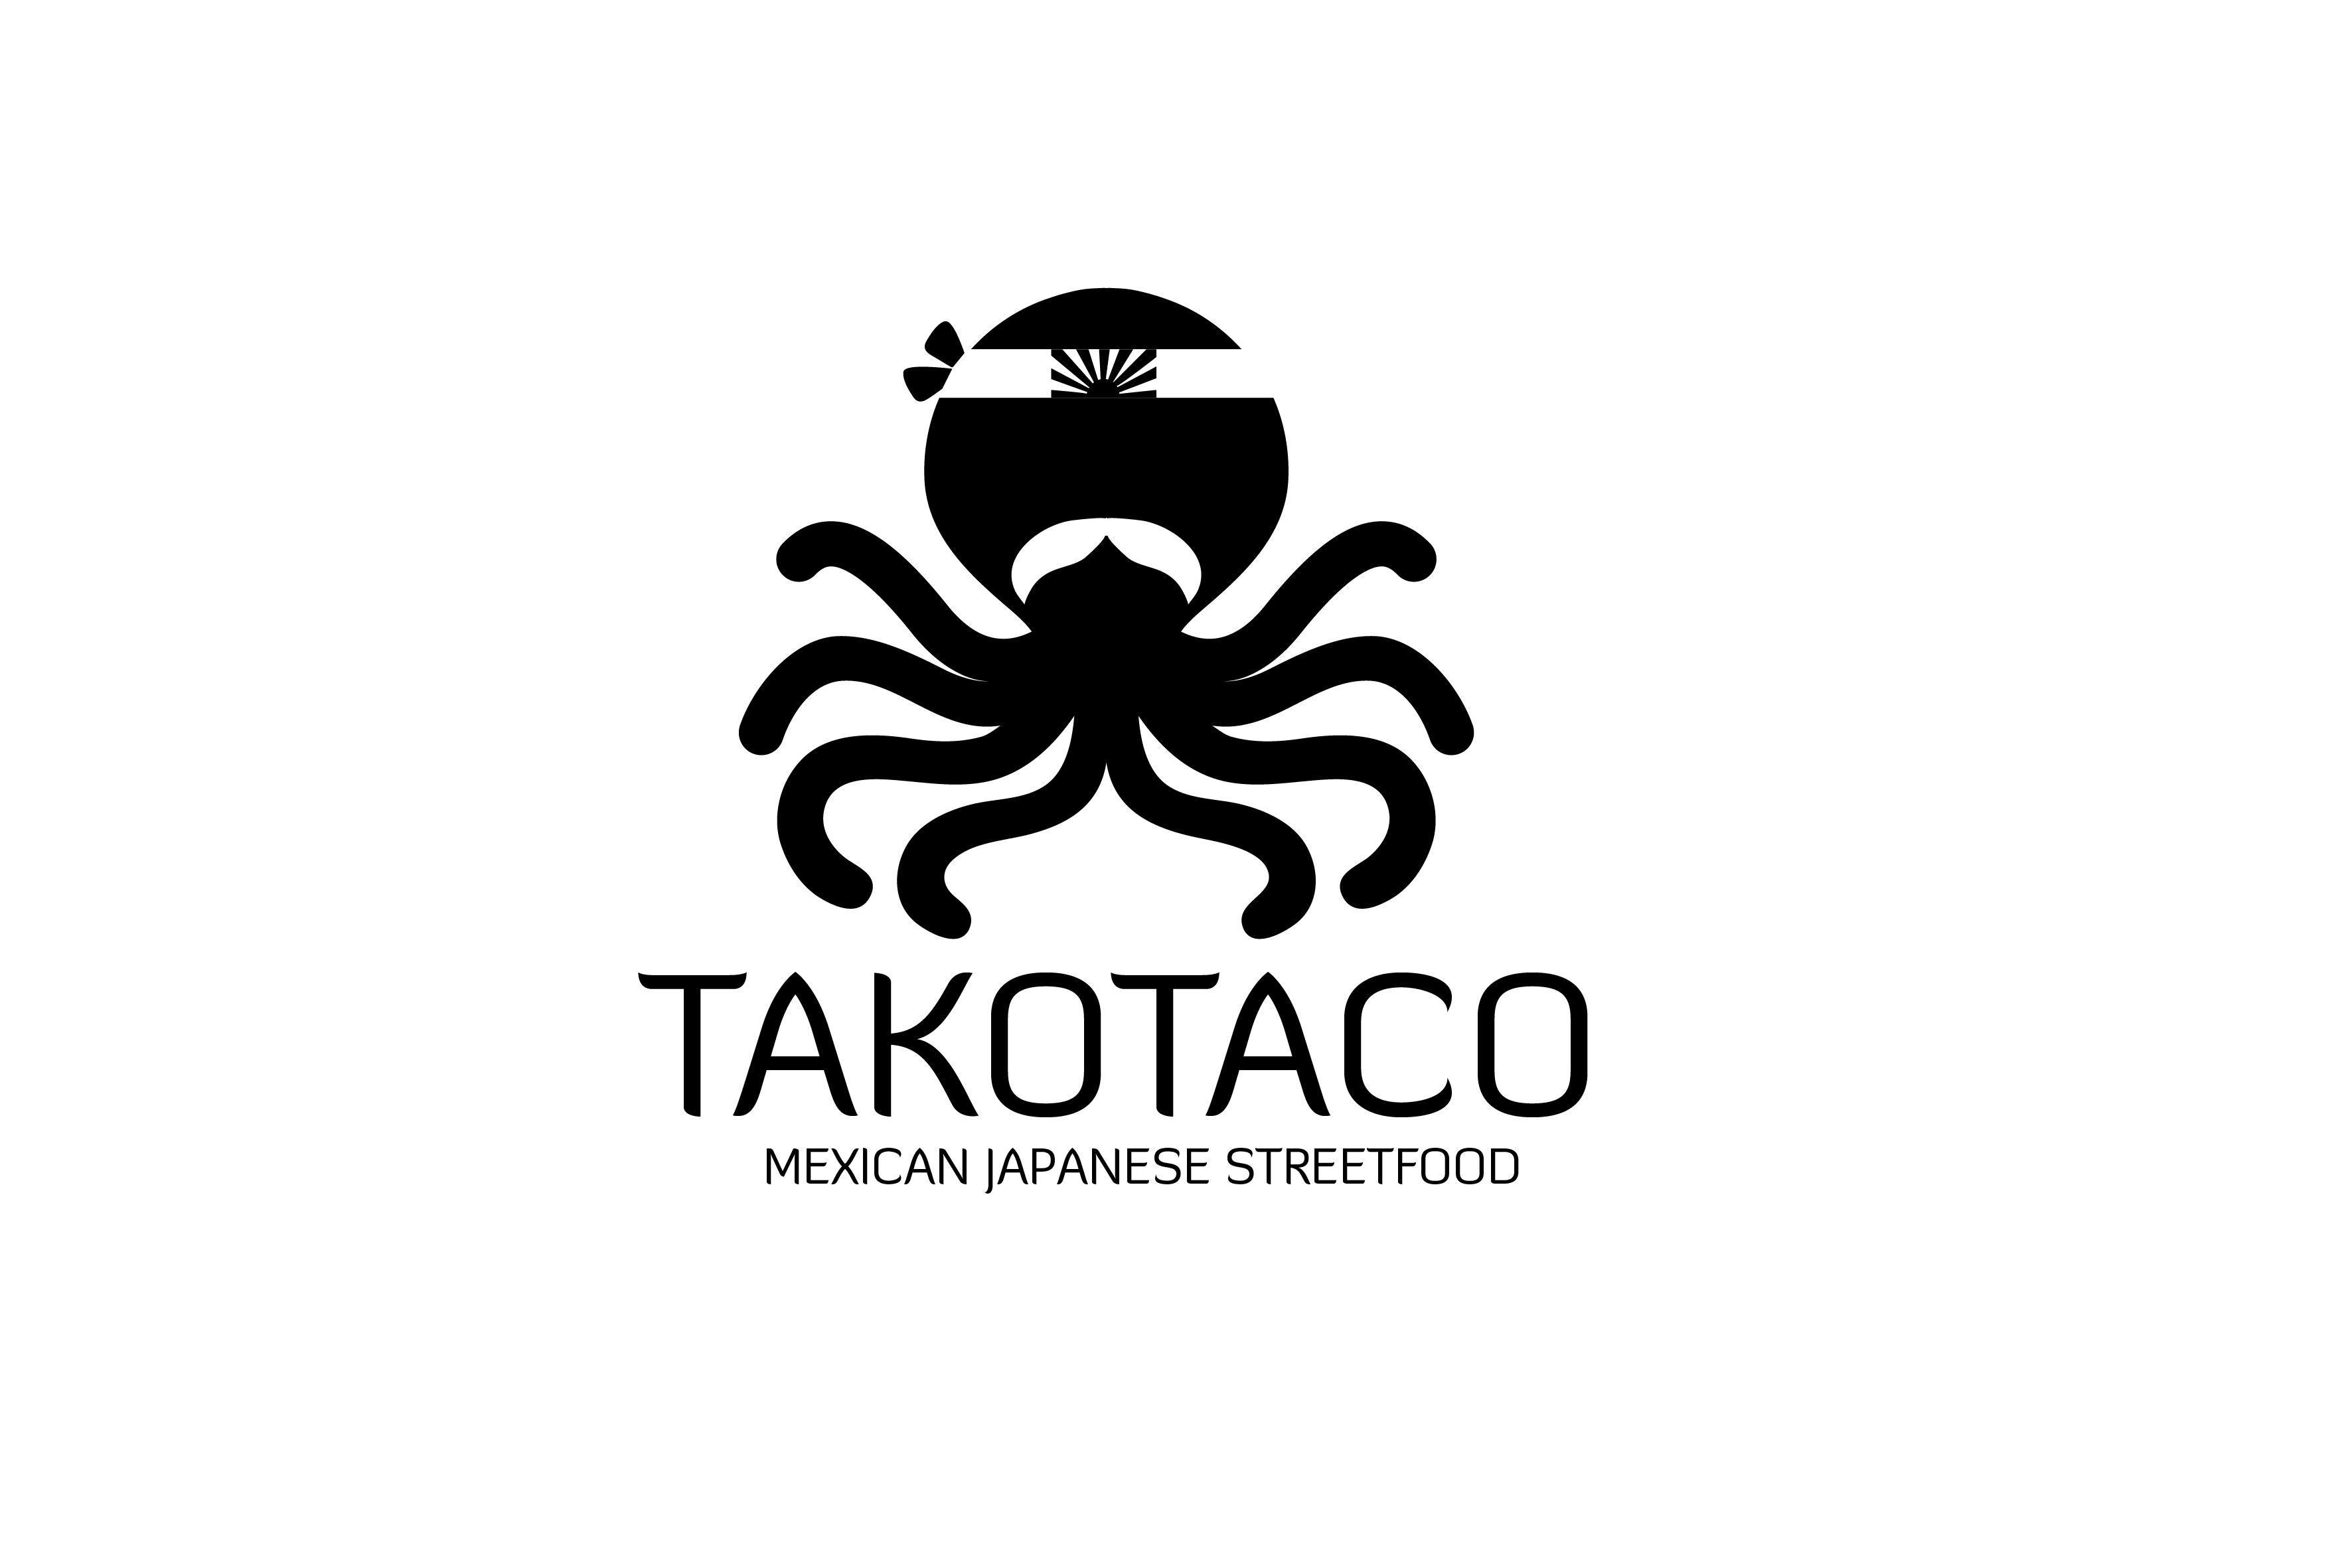 TAKOTACO - image 6 - student project